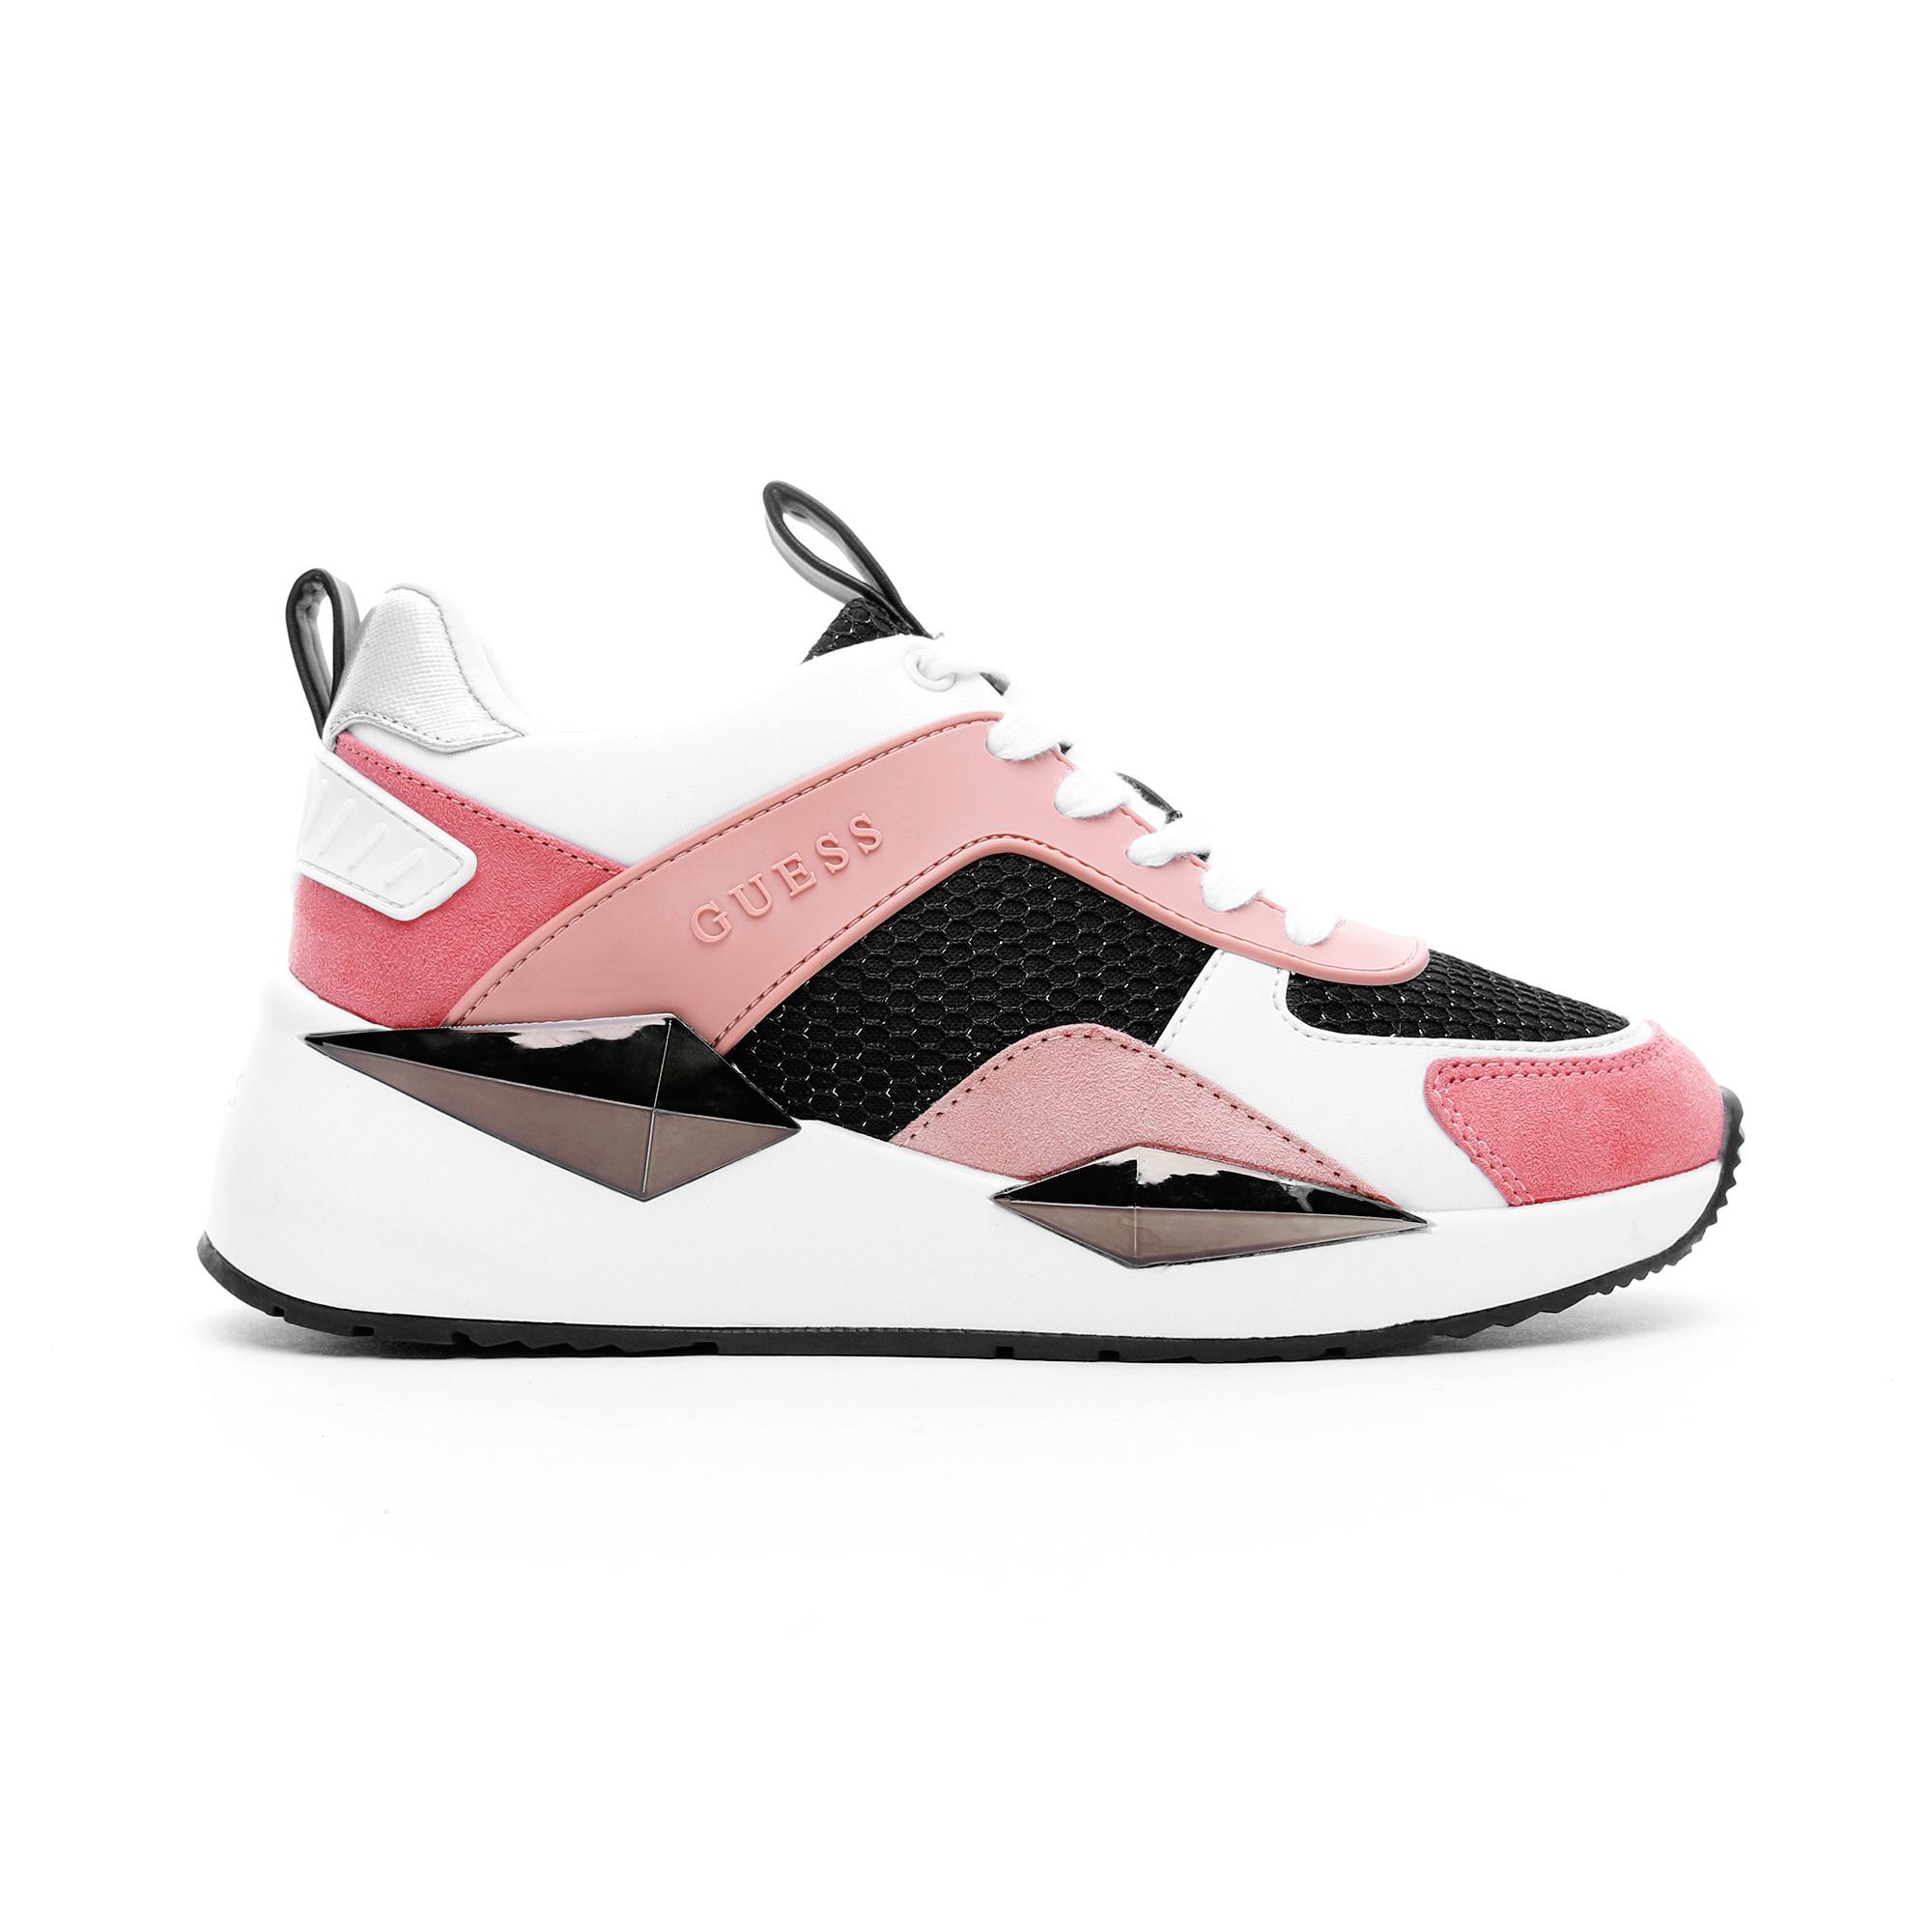 Guess Typical Kadın Beyaz-Pembe Spor Ayakkabı